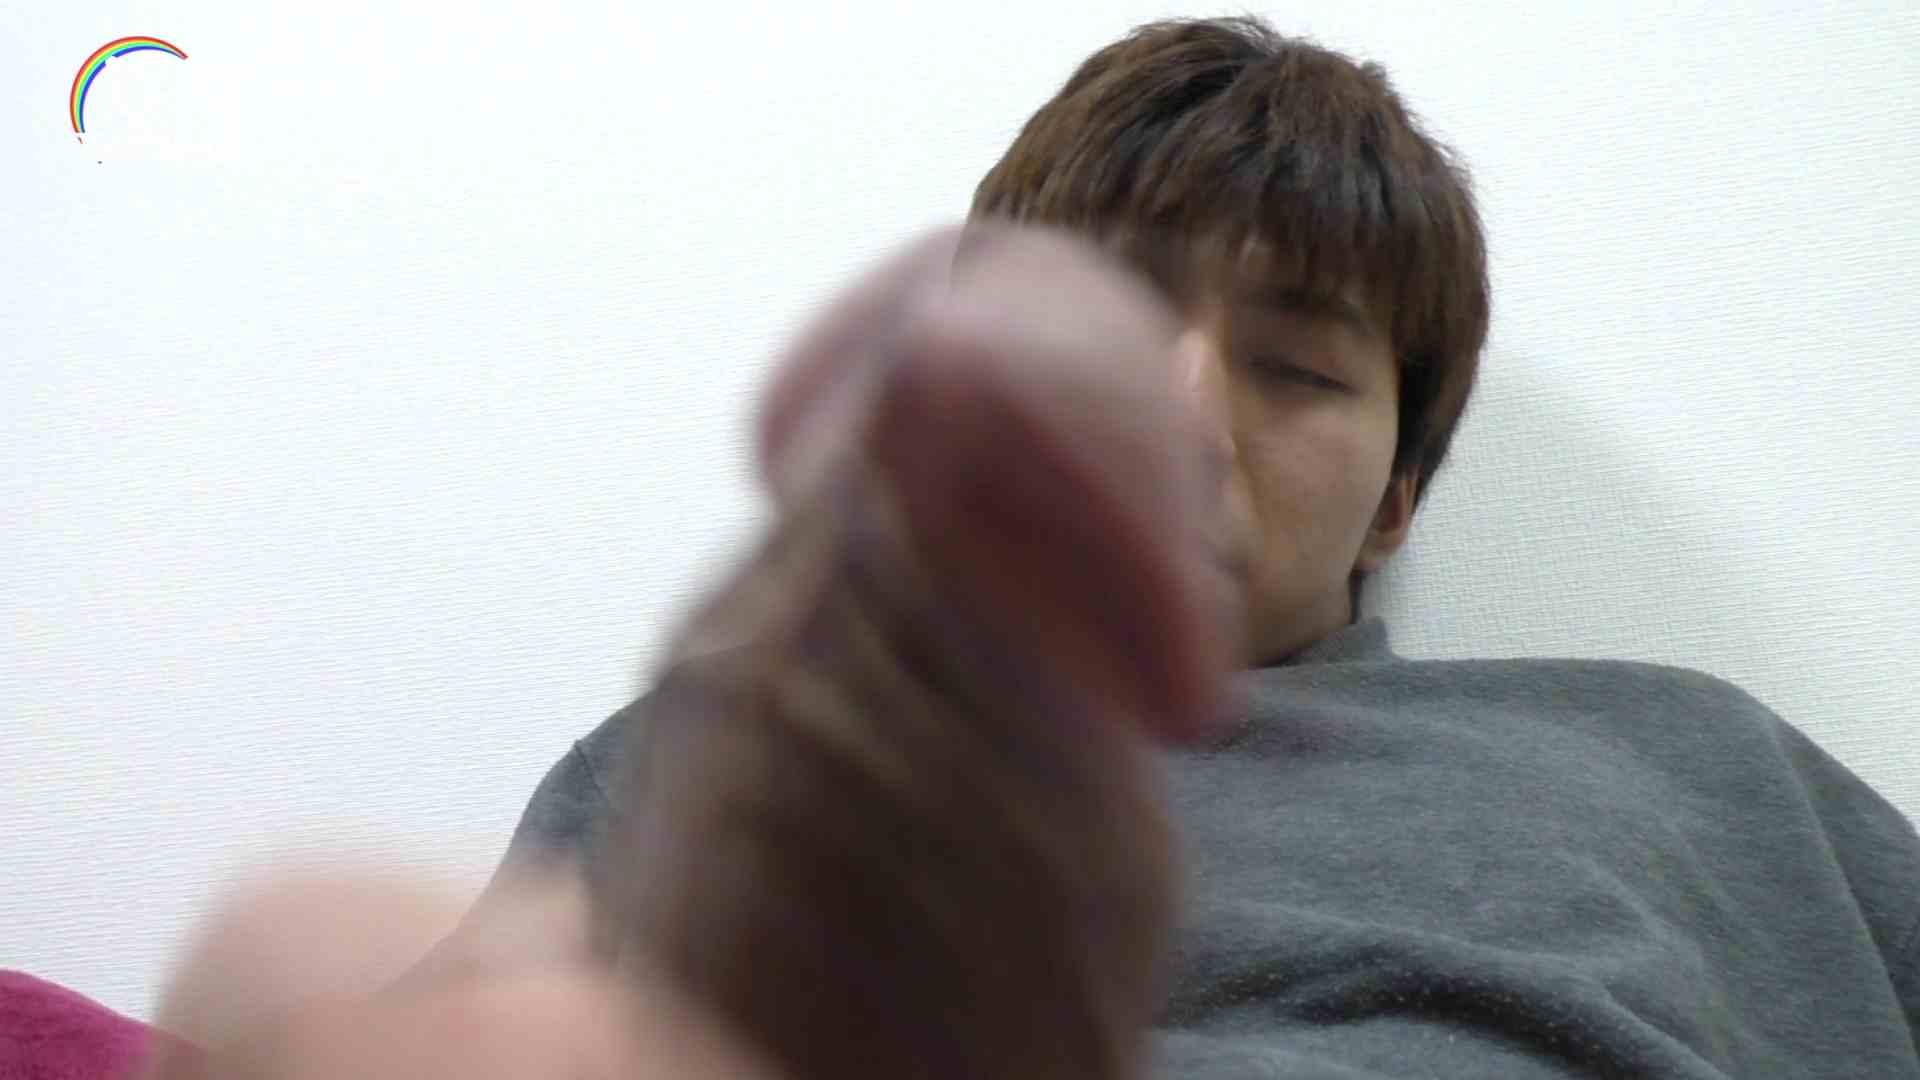 アナルは決して眠らない No.01 アナル挿入 男同士画像 110pic 7